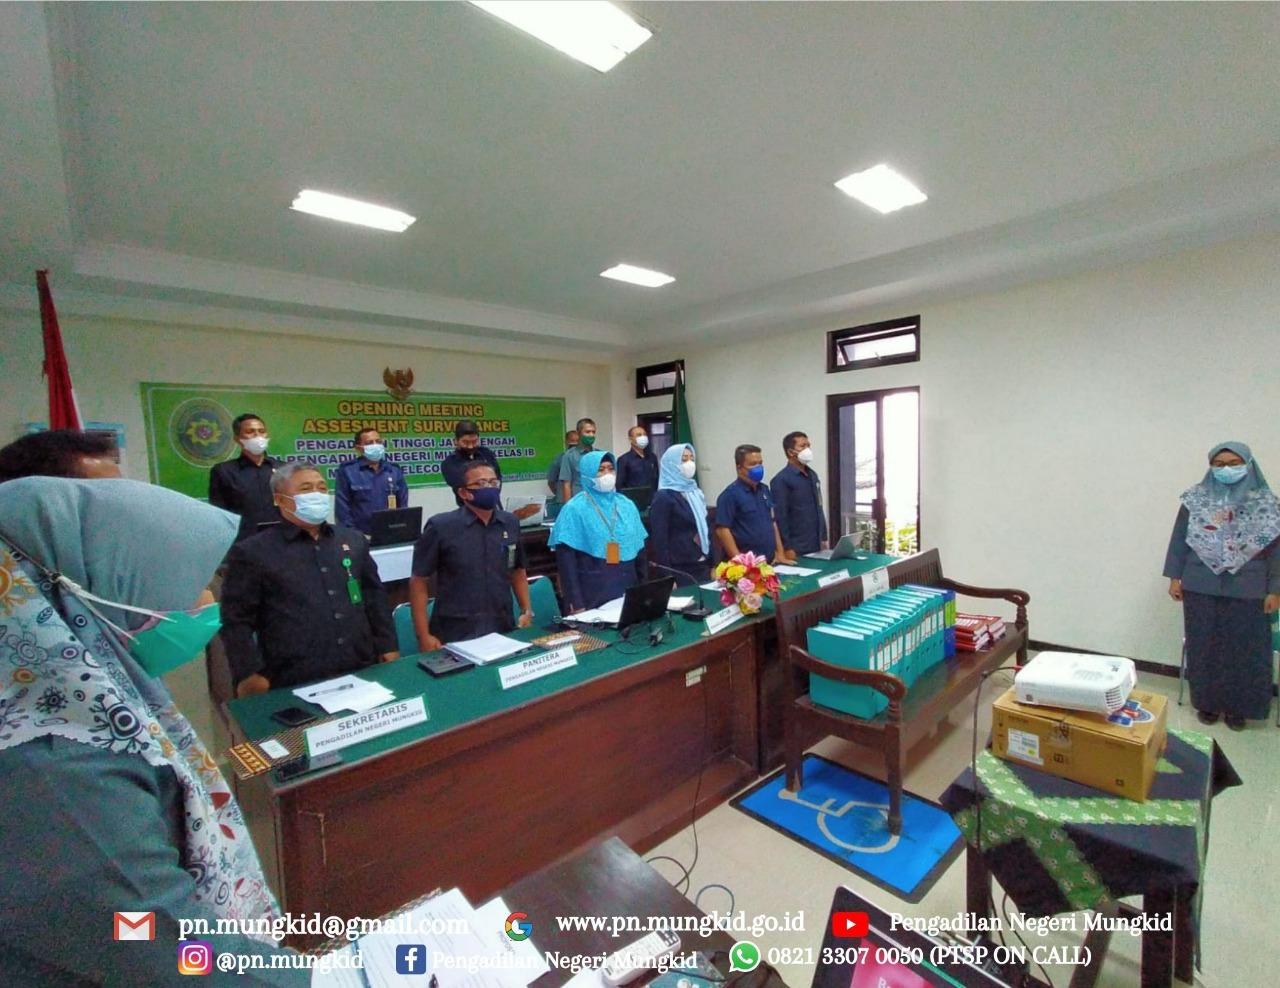 Pengadilan Negeri Mungkid Kelas IB melaksanakan Assessment Surveilence